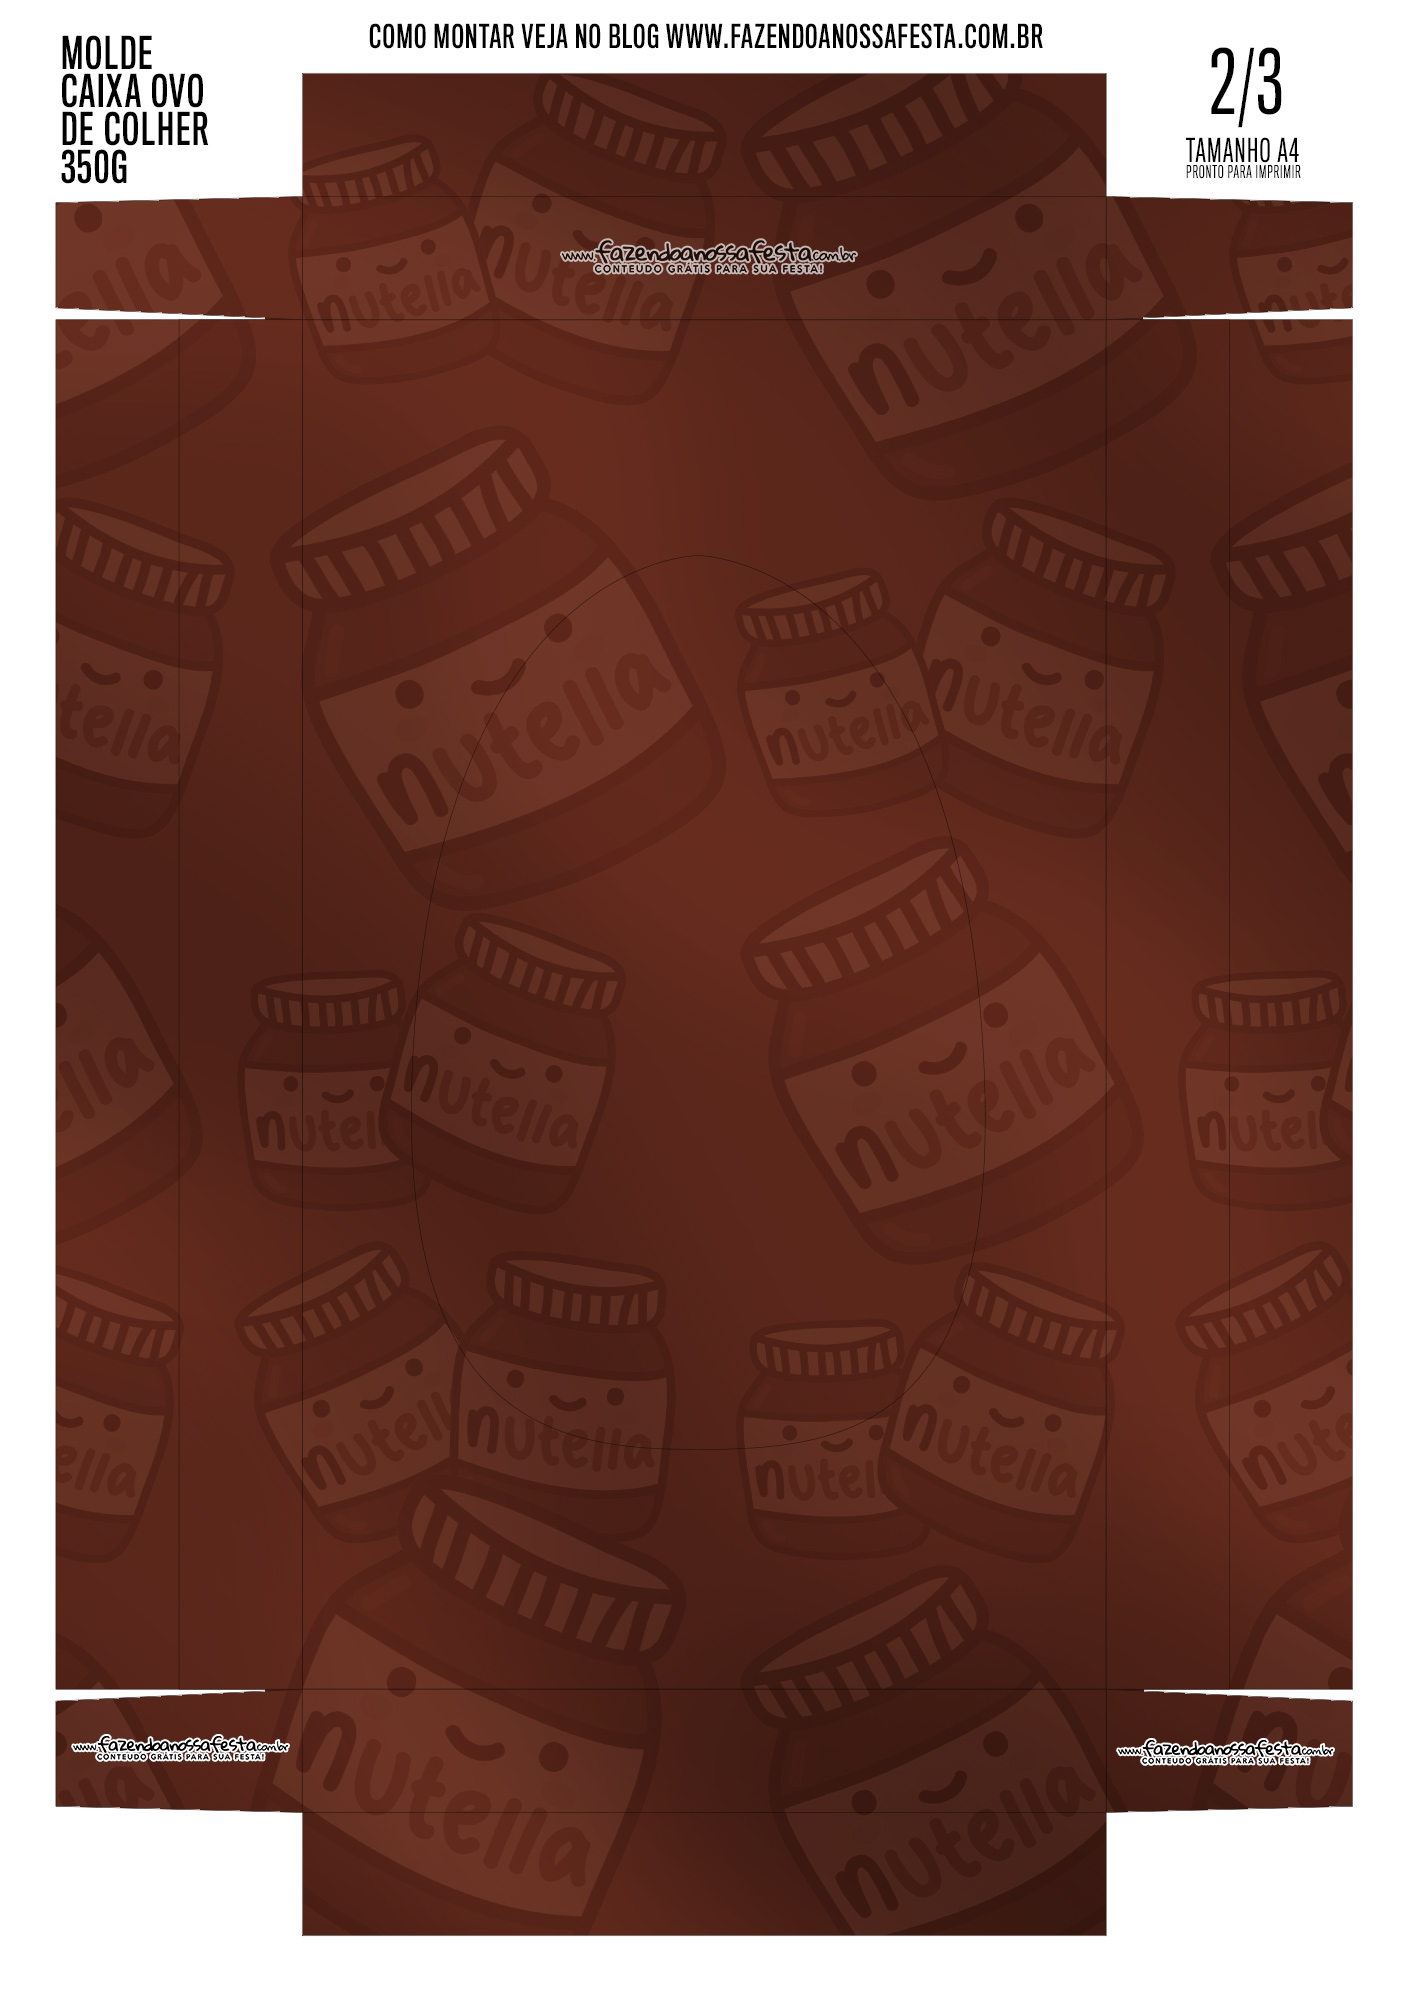 Caixa Ovo de Colher para Pascoa Nutella meio 1